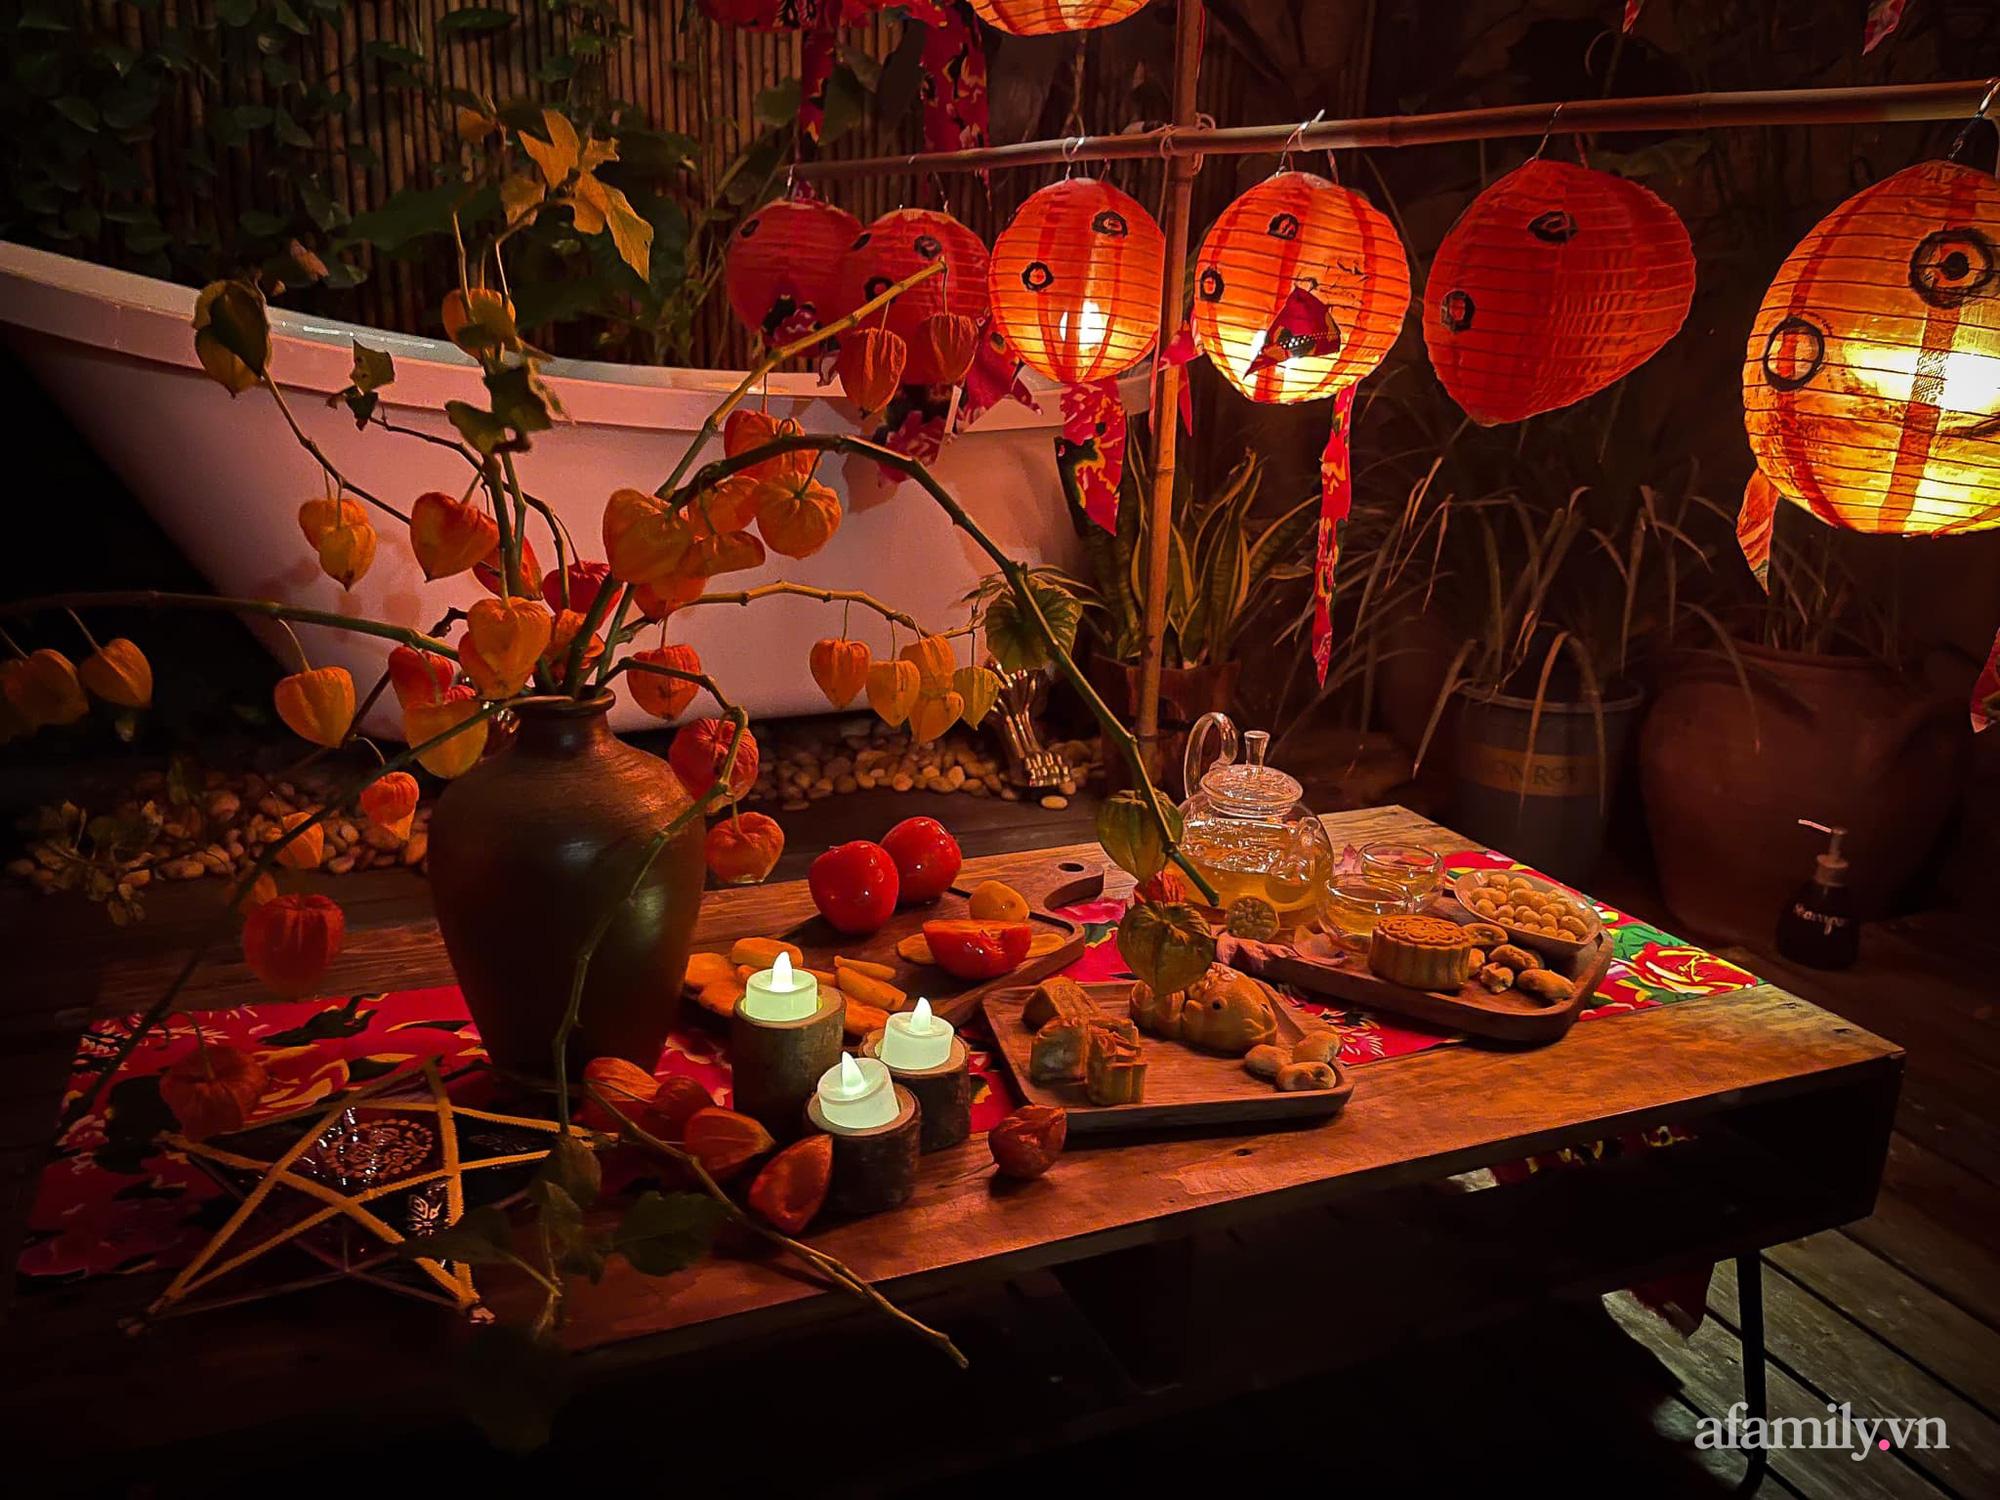 Phòng ngủ lung linh rực rỡ sắc màu Trung thu nhờ bàn tay khéo decor của cô gái Hà Nội - Ảnh 3.